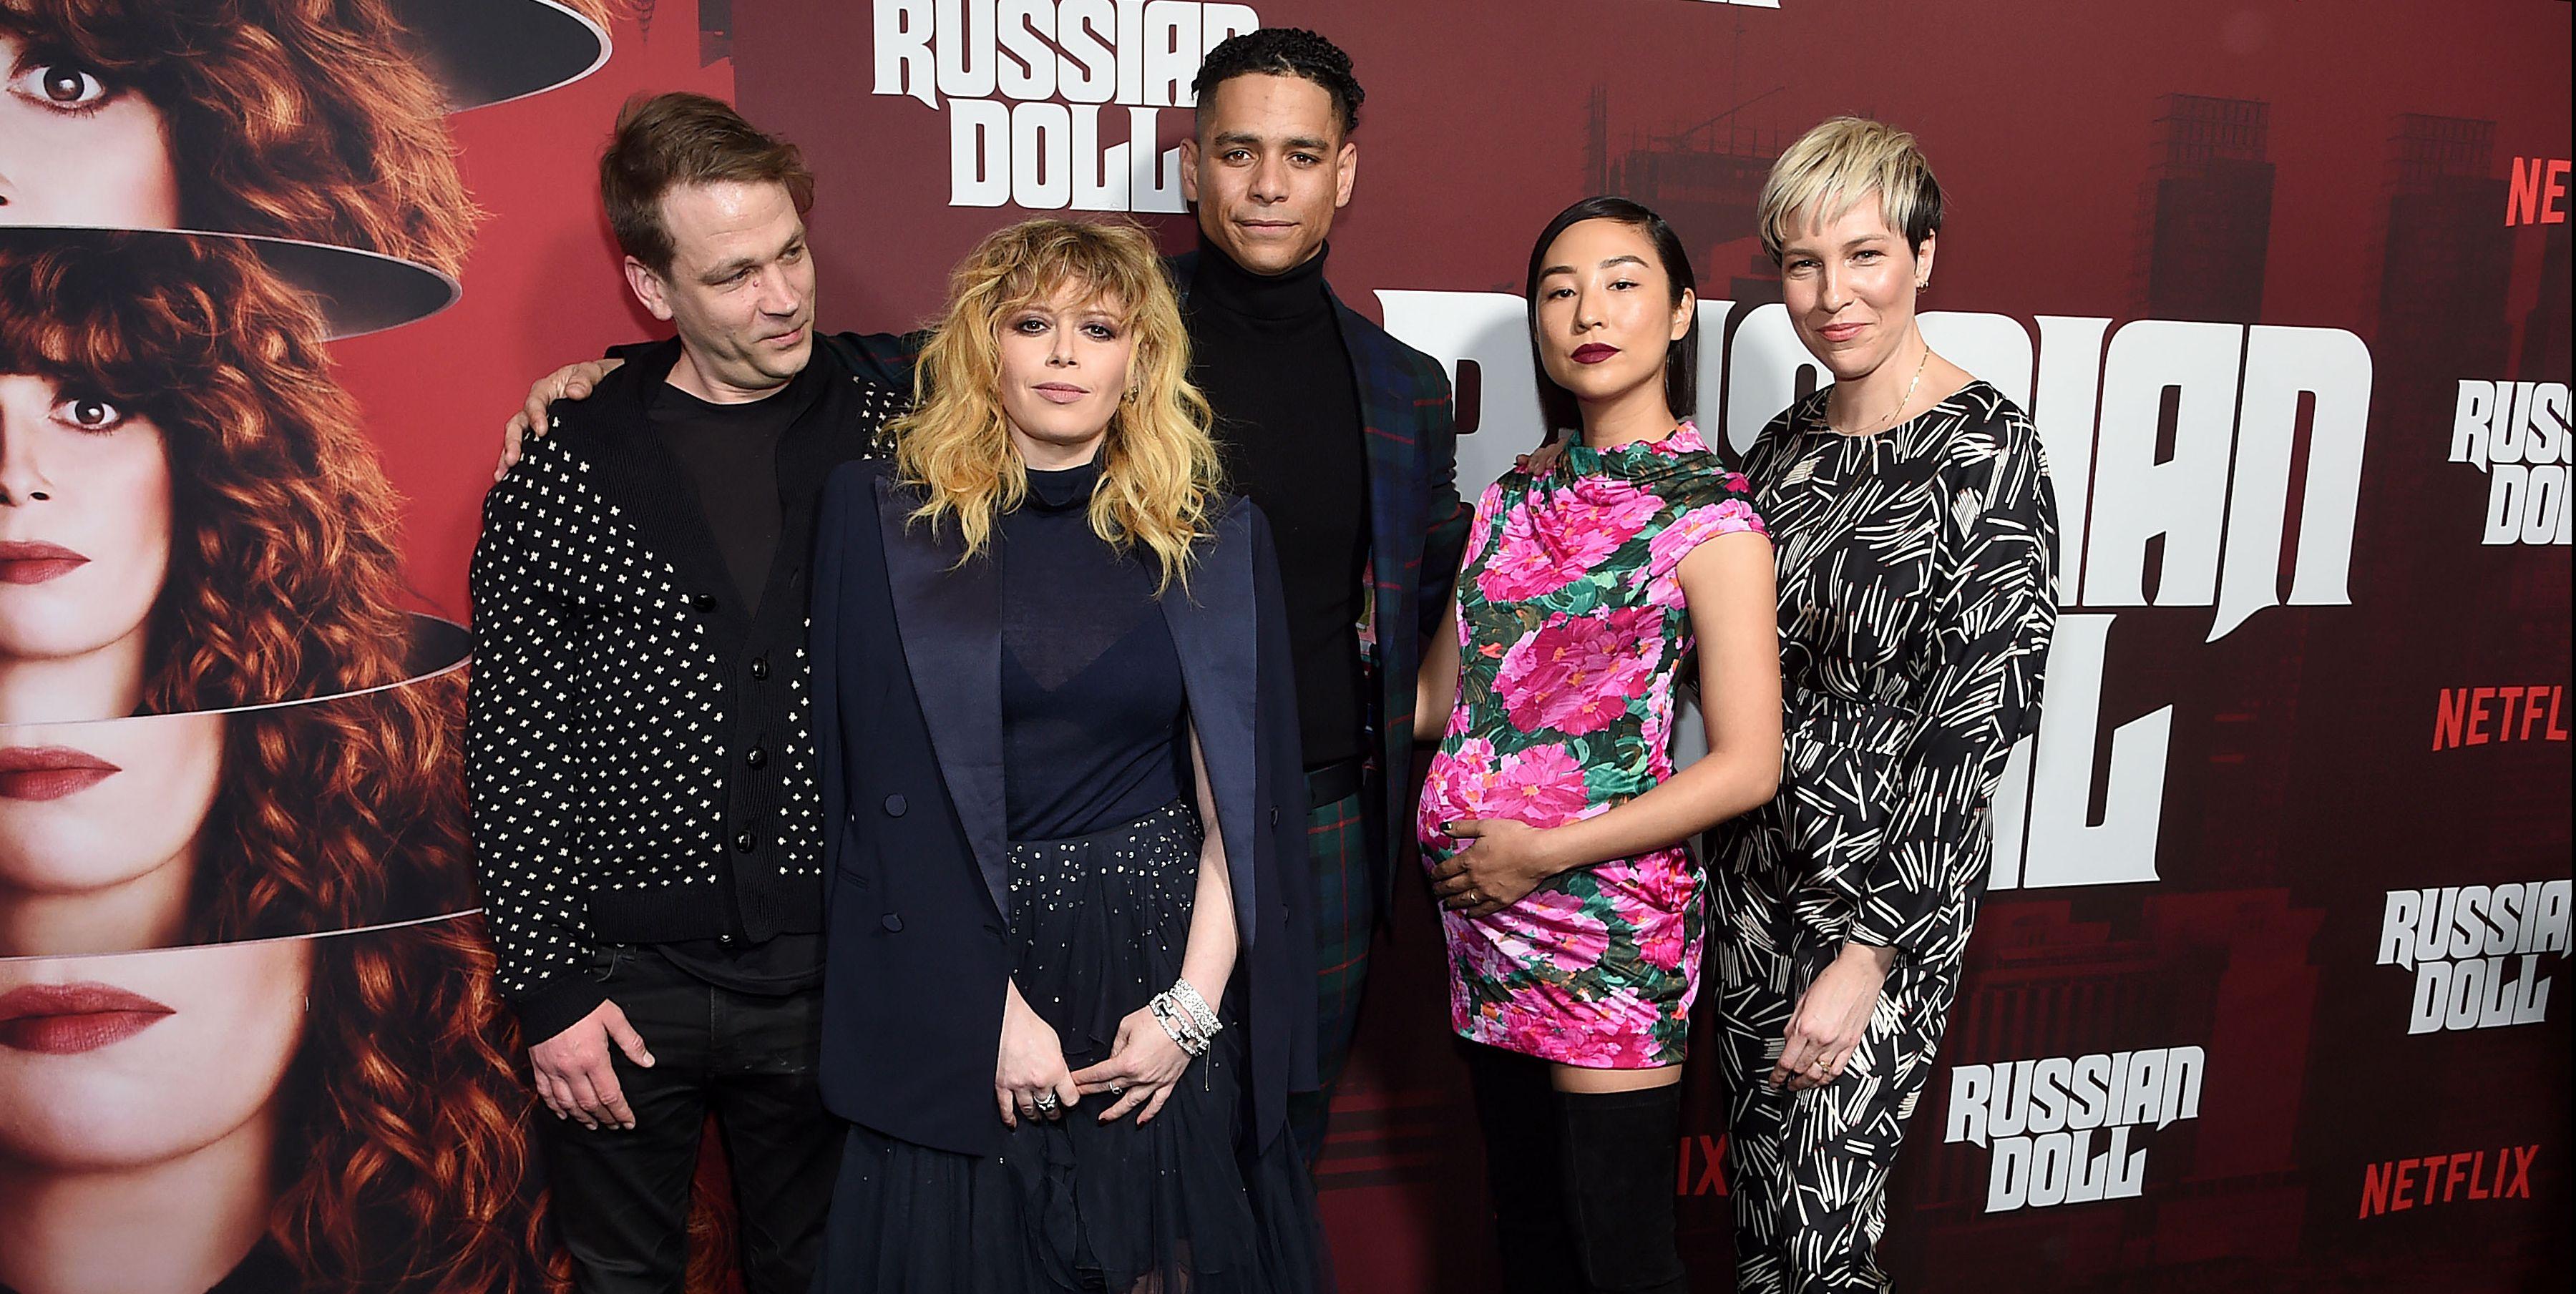 Netflix's 'Russian Doll' Season 1 Premiere